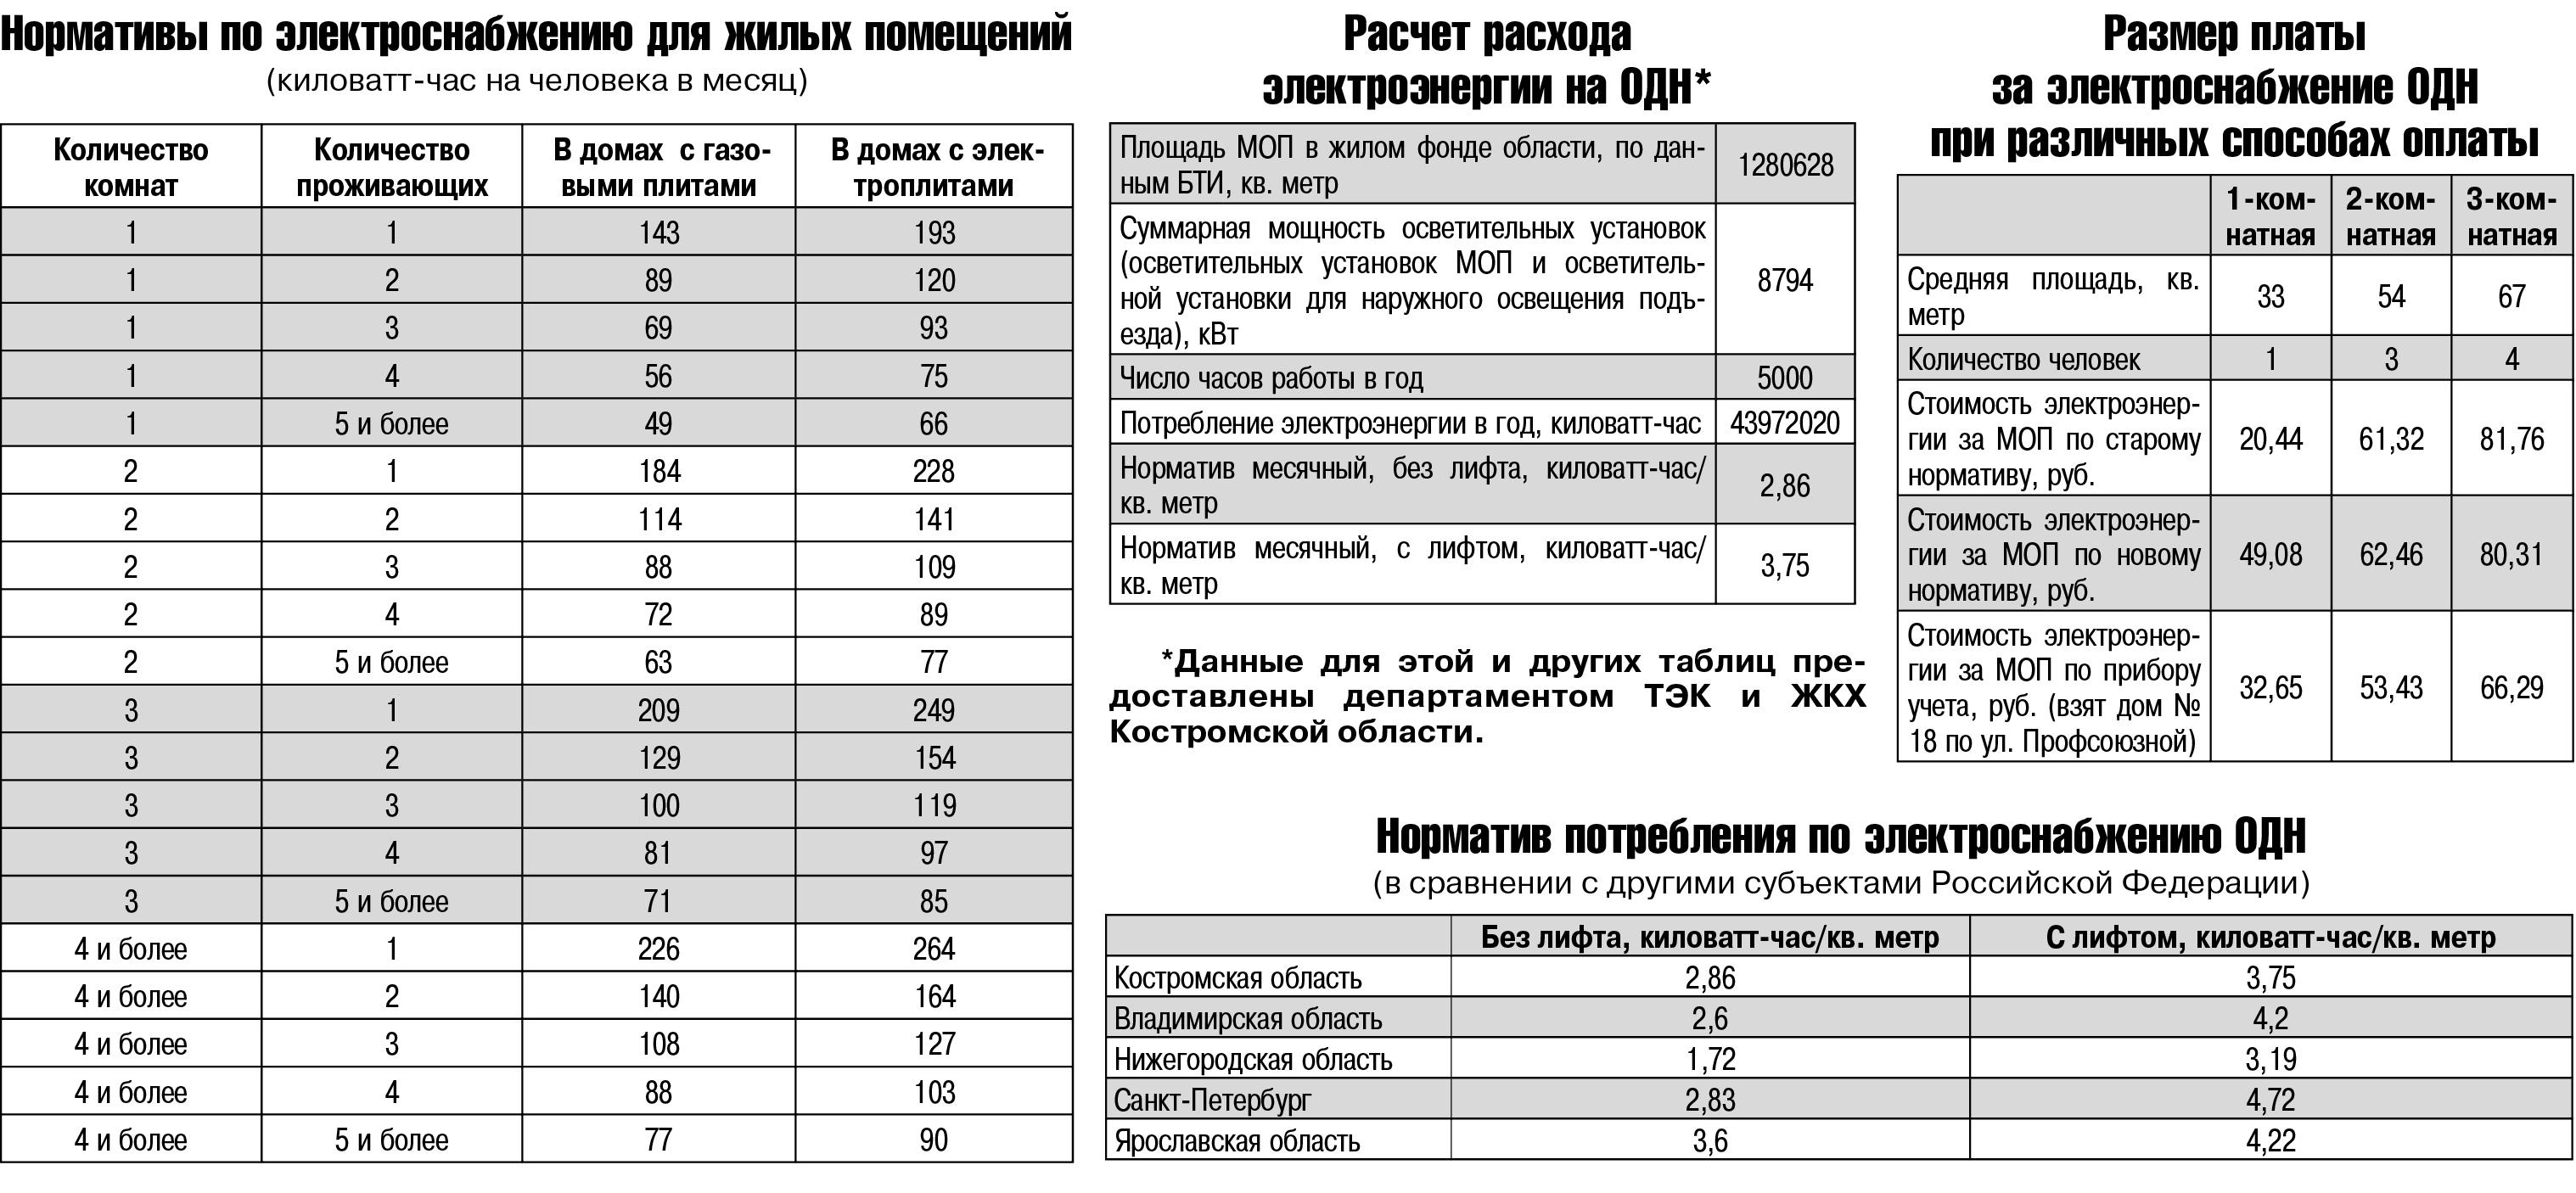 ᐉ норма потребления электроэнергии на человека 2020 без счетчика в москве. mainurist.ru